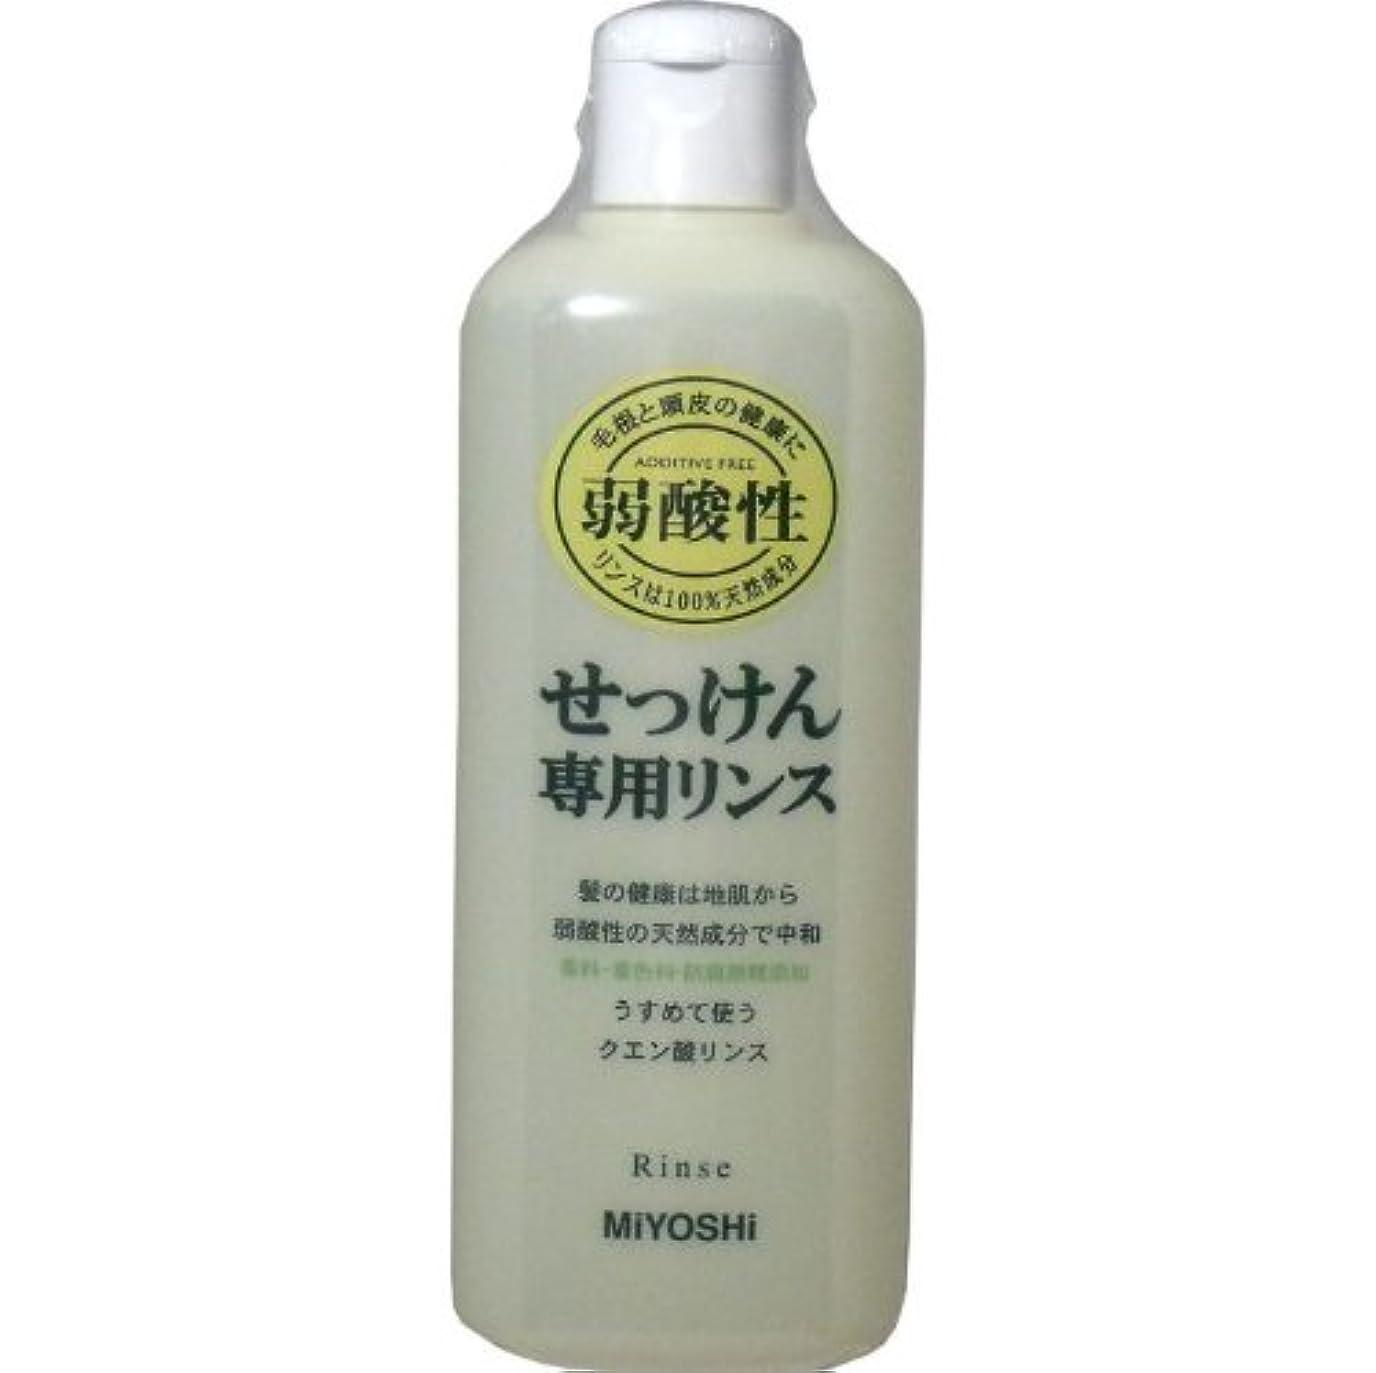 チャットアカデミック船乗り髪の健康は地肌から、弱酸性の天然成分で中和!!香料、防腐剤、着色料無添加!うすめて使うクエン酸リンス!リンス 350mL